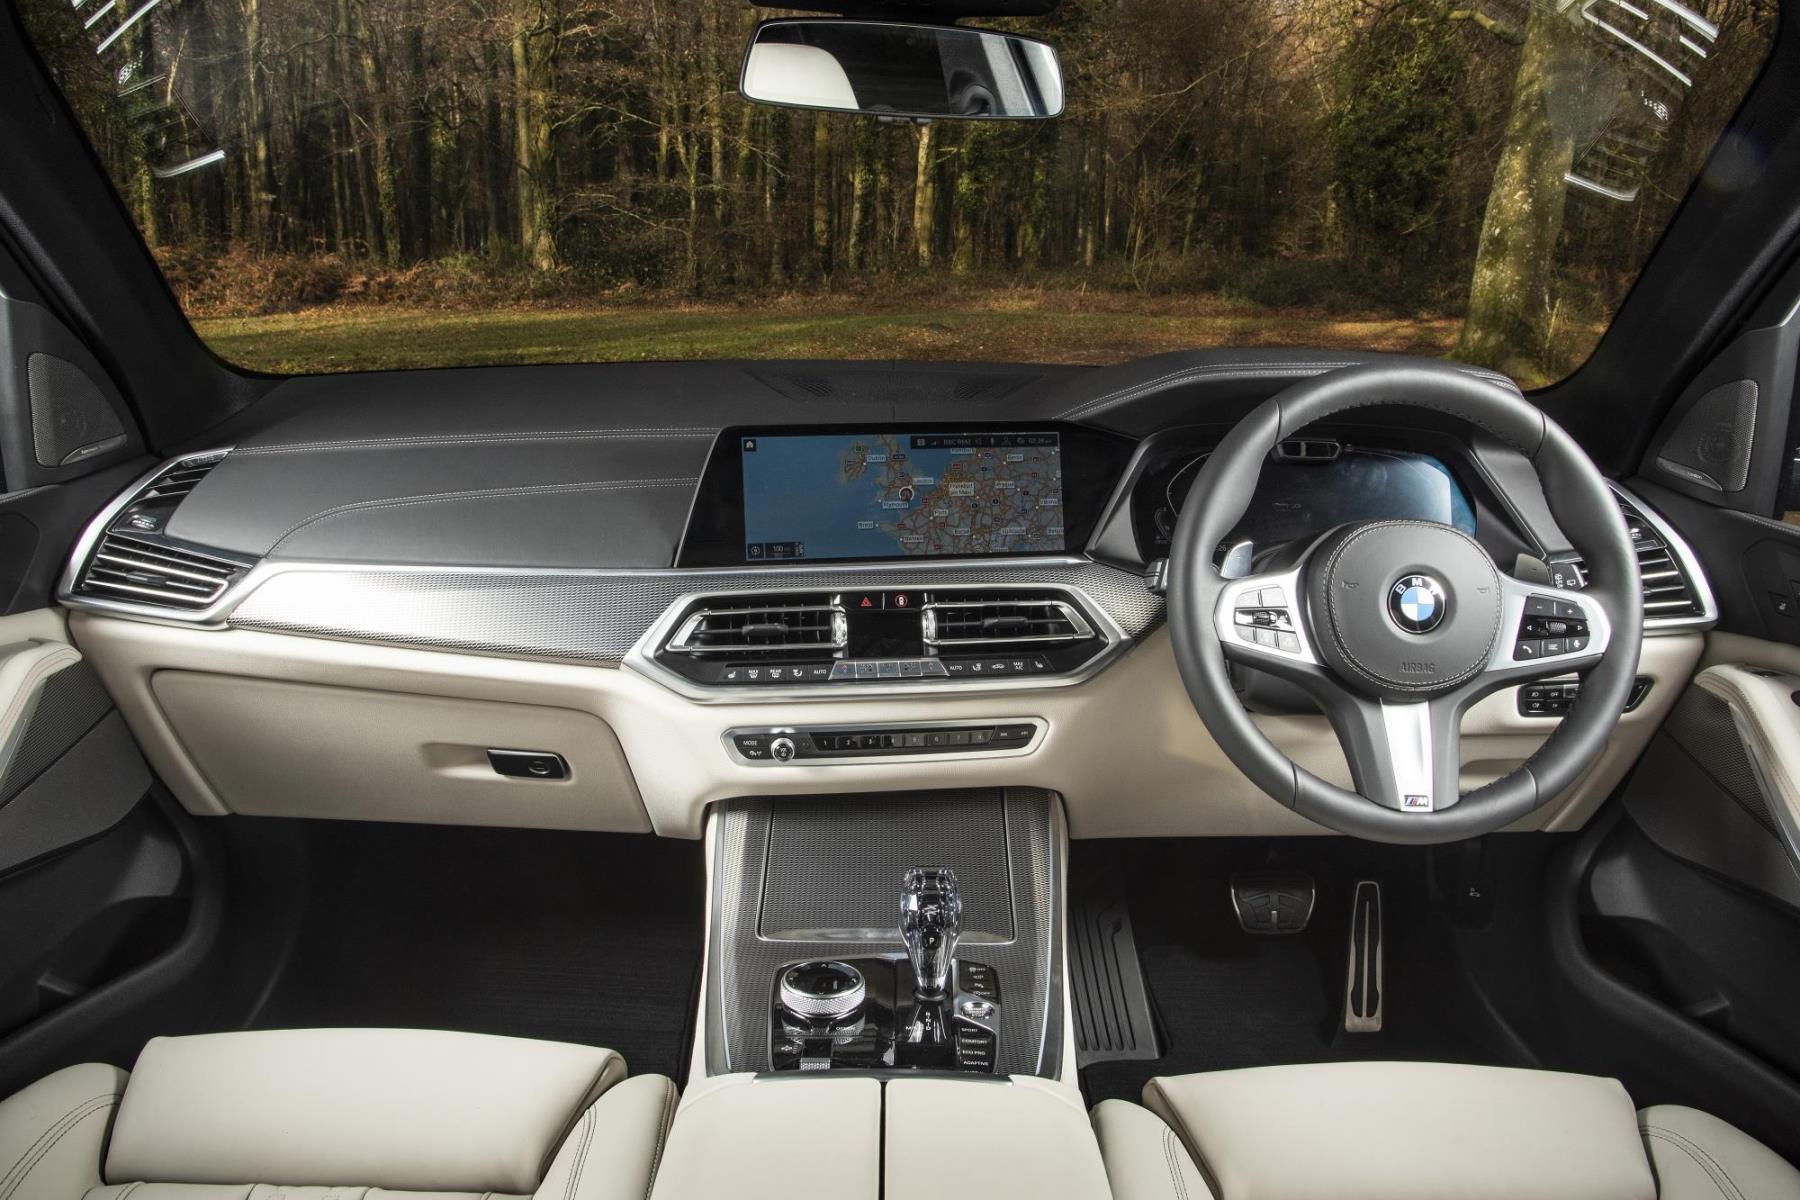 BMW X5 review – Automotive Blog